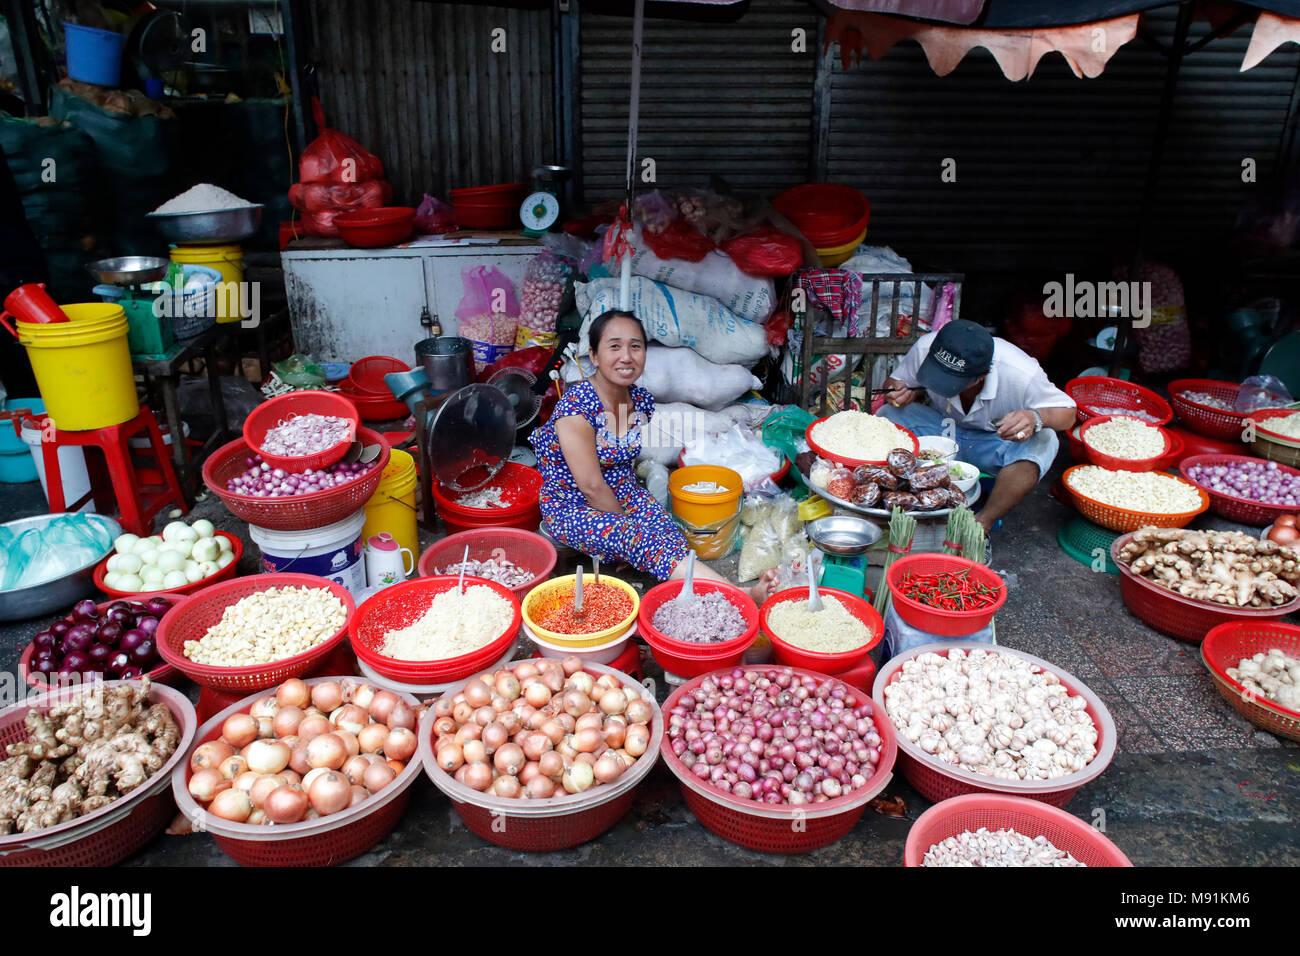 La rue du marché. Femme vendant l'oignon et l'ail. Ho Chi Minh Ville. Le Vietnam. Photo Stock